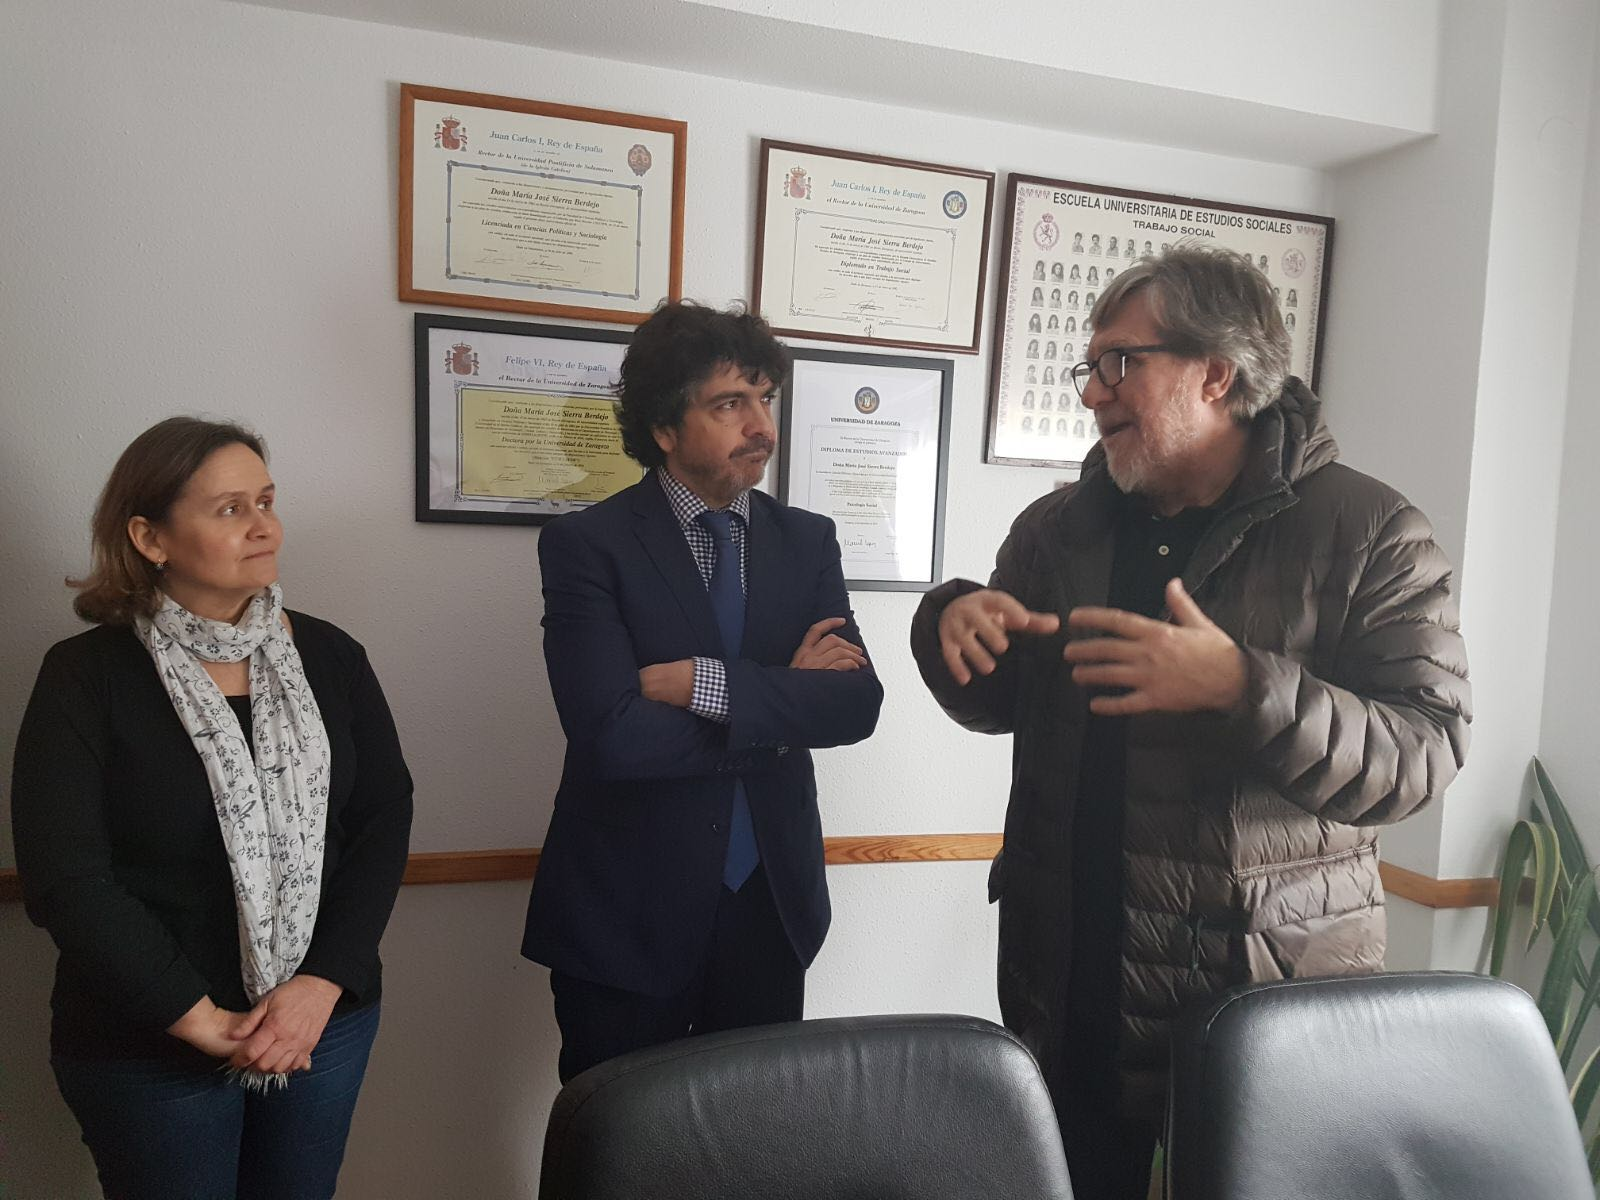 Visita del Secretario de Estado de Servicios Sociales e Igualdad. 16 de febrero 2018